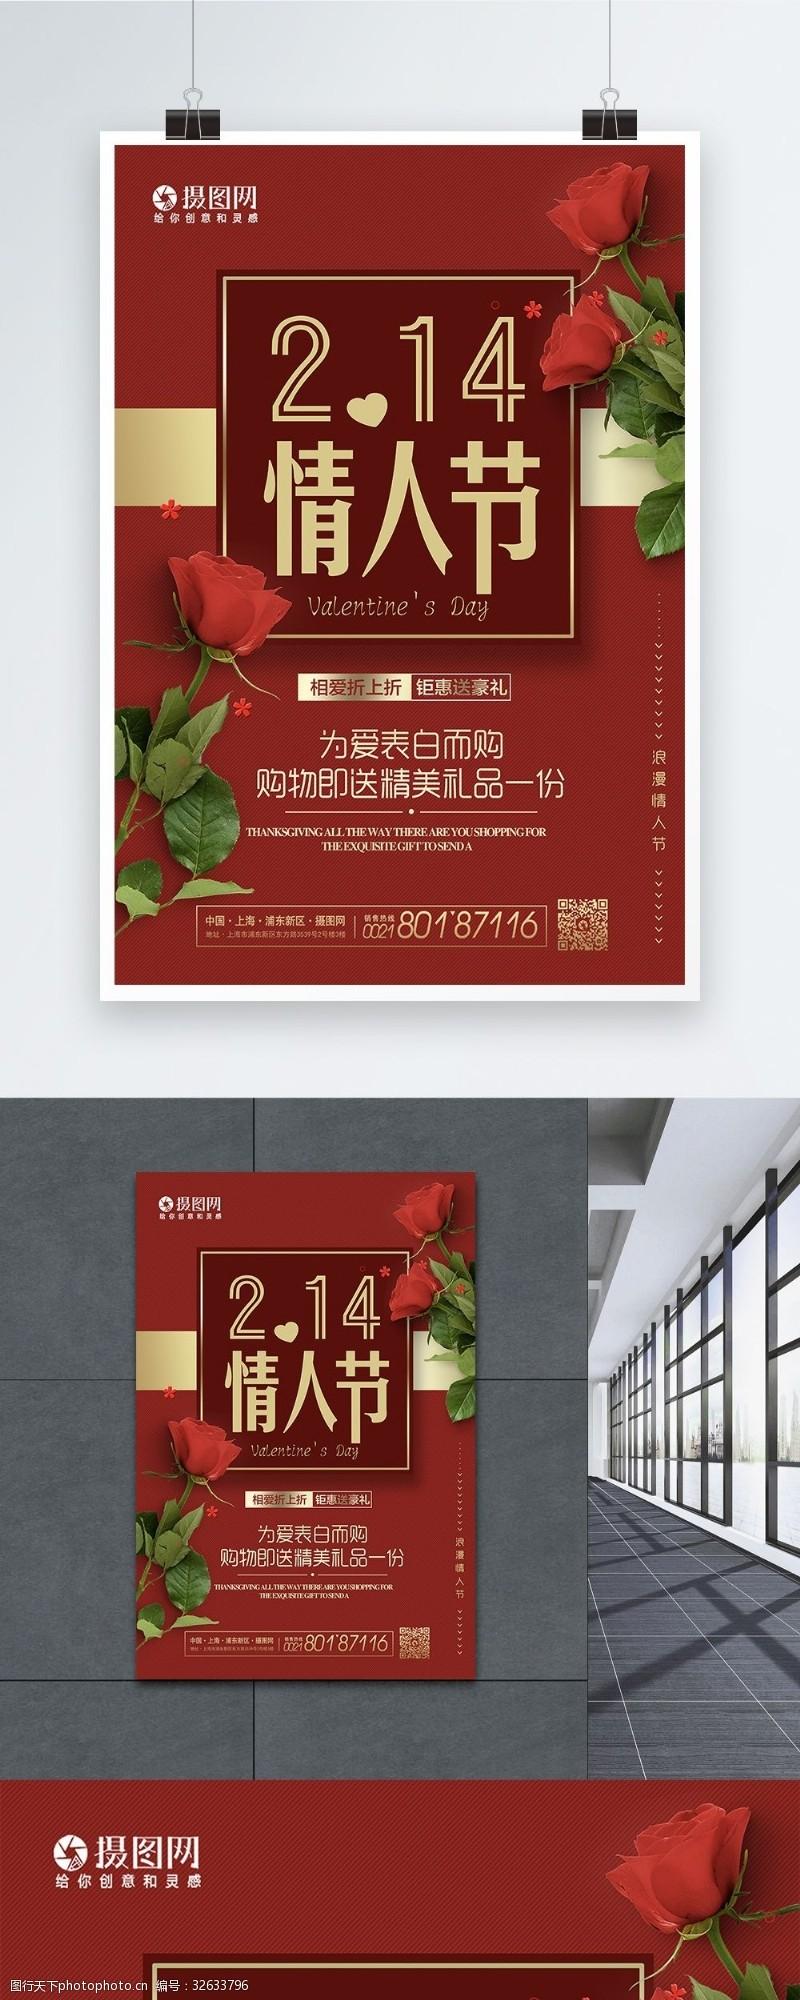 紅色大氣玫瑰214情人節海報